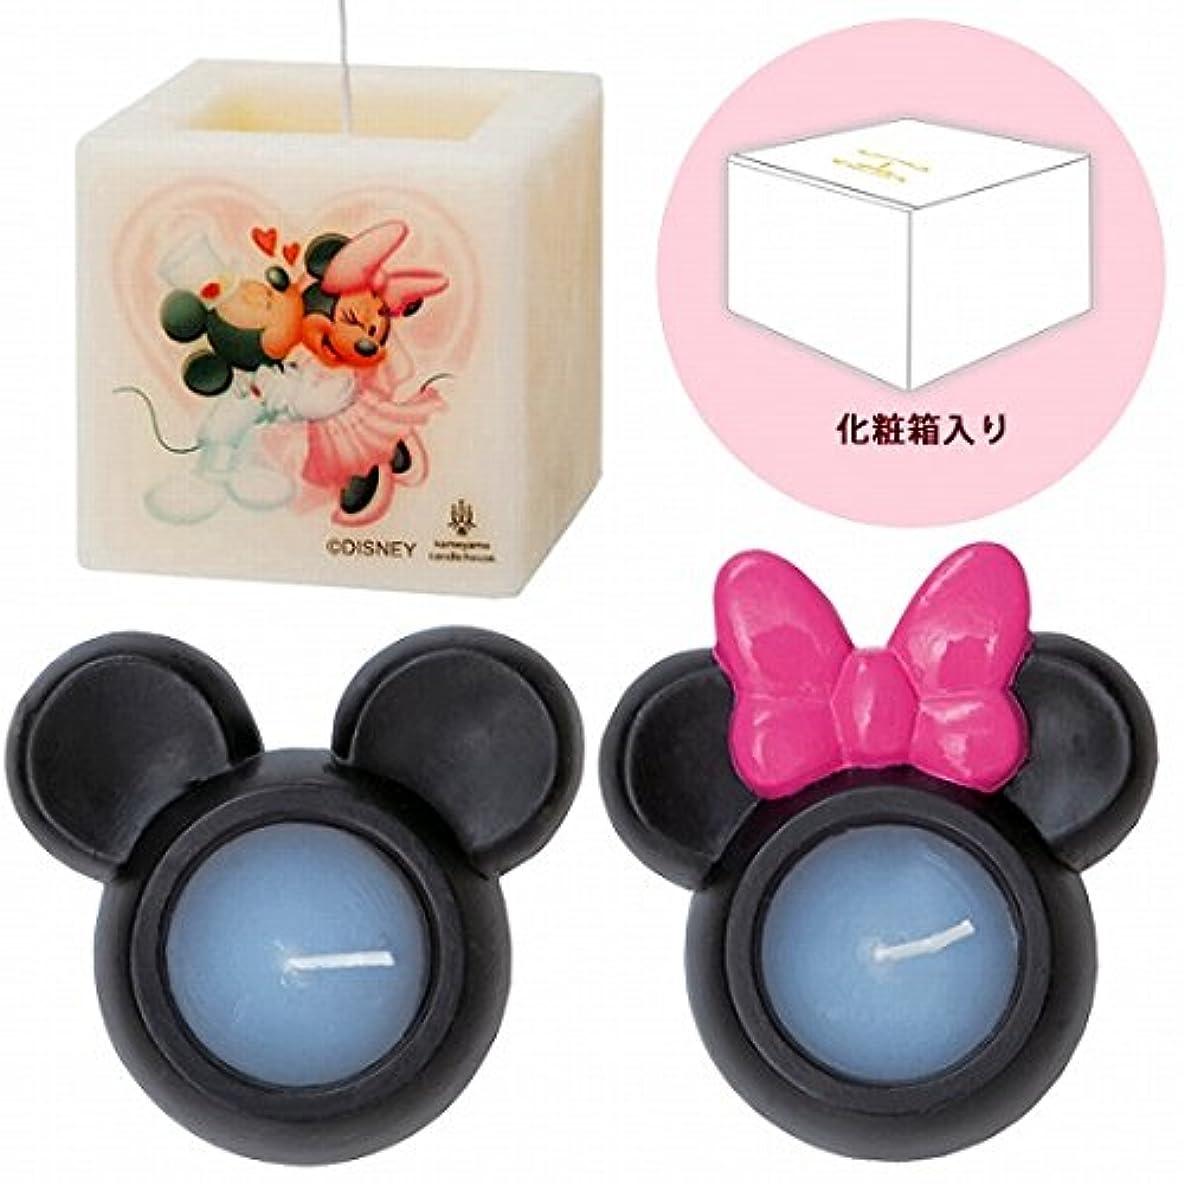 舗装郡必要カメヤマキャンドル( kameyama candle ) ミッキー&ミニーキャンドルセットM